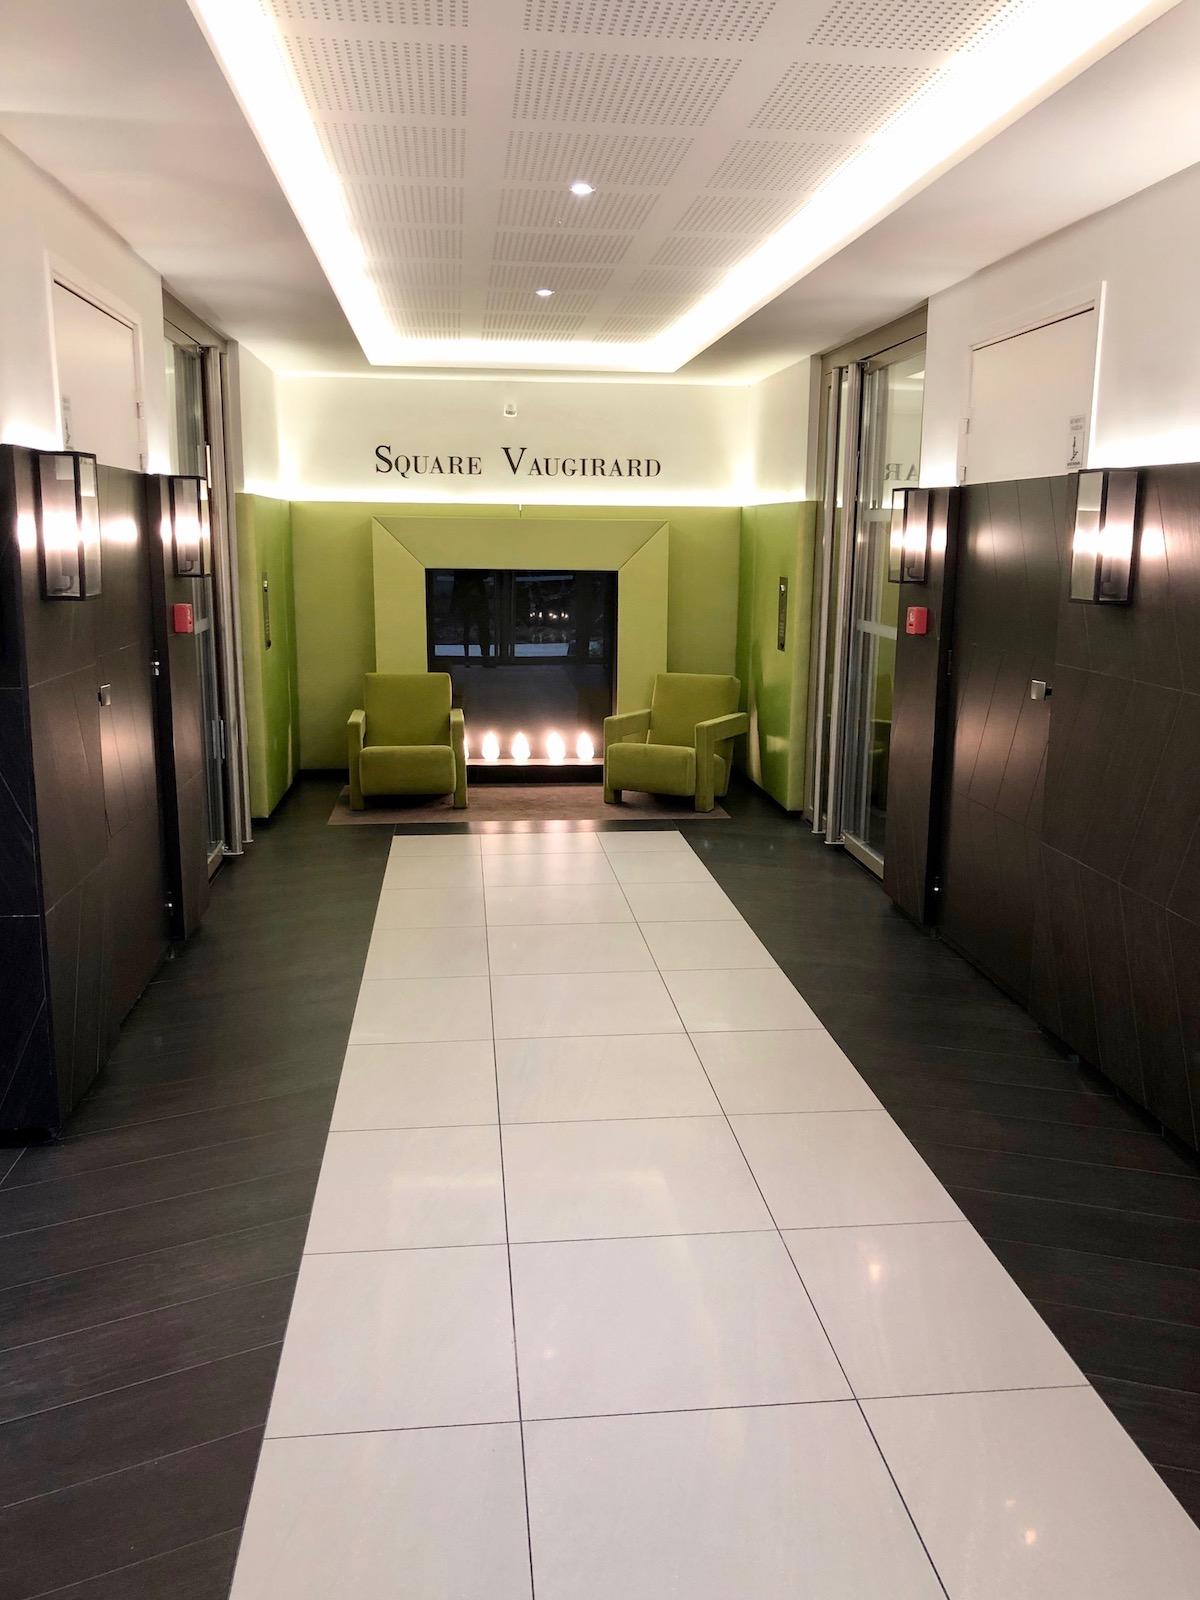 square vaugirard résidence cogedim parties communes haut de gamme noir blanc vert lobby